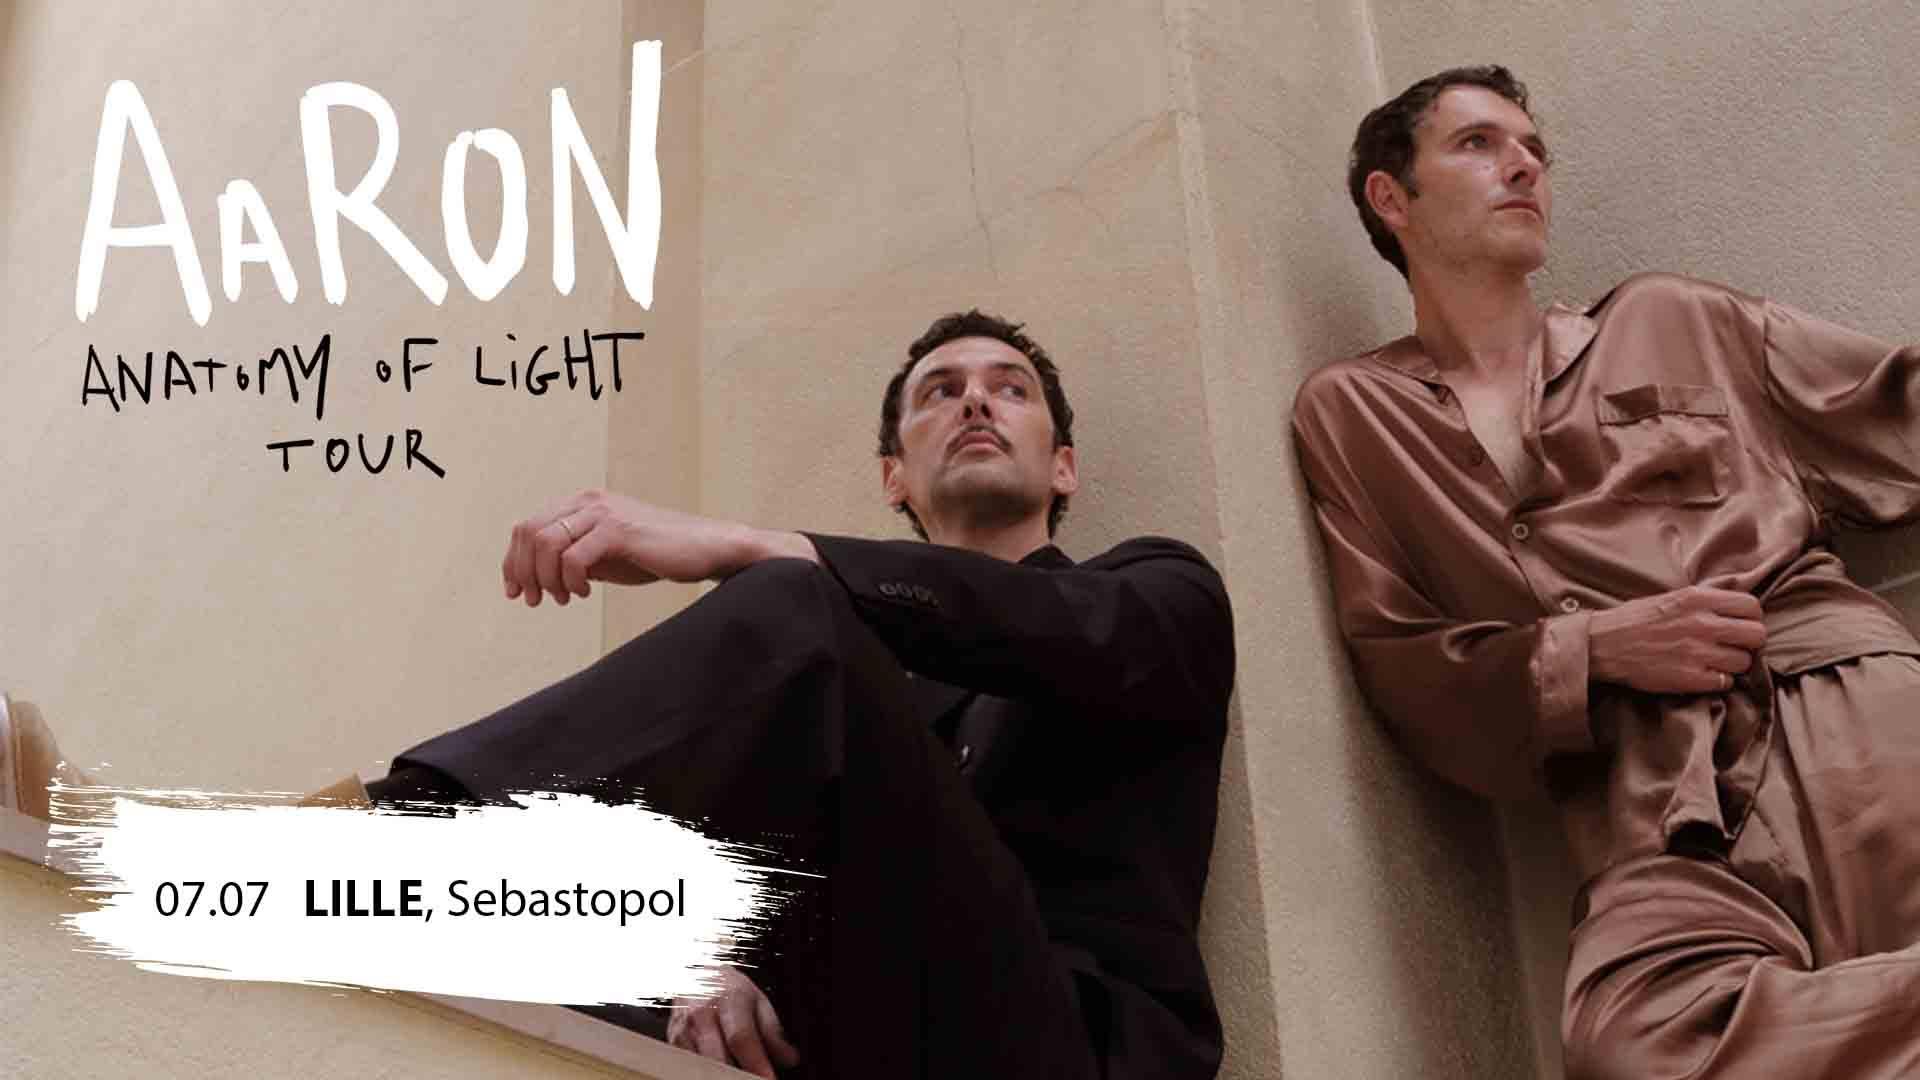 Aaron + Ussar en concert